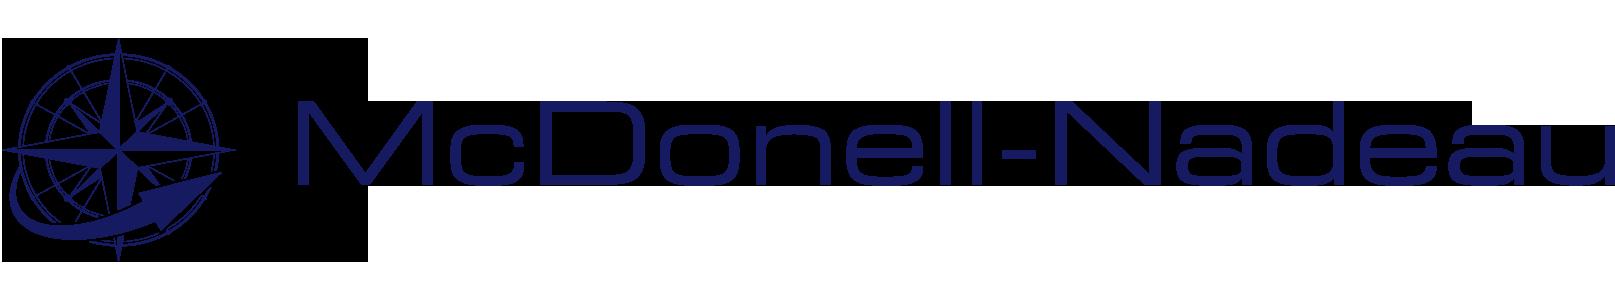 McDonell-Nadeau-logo.png